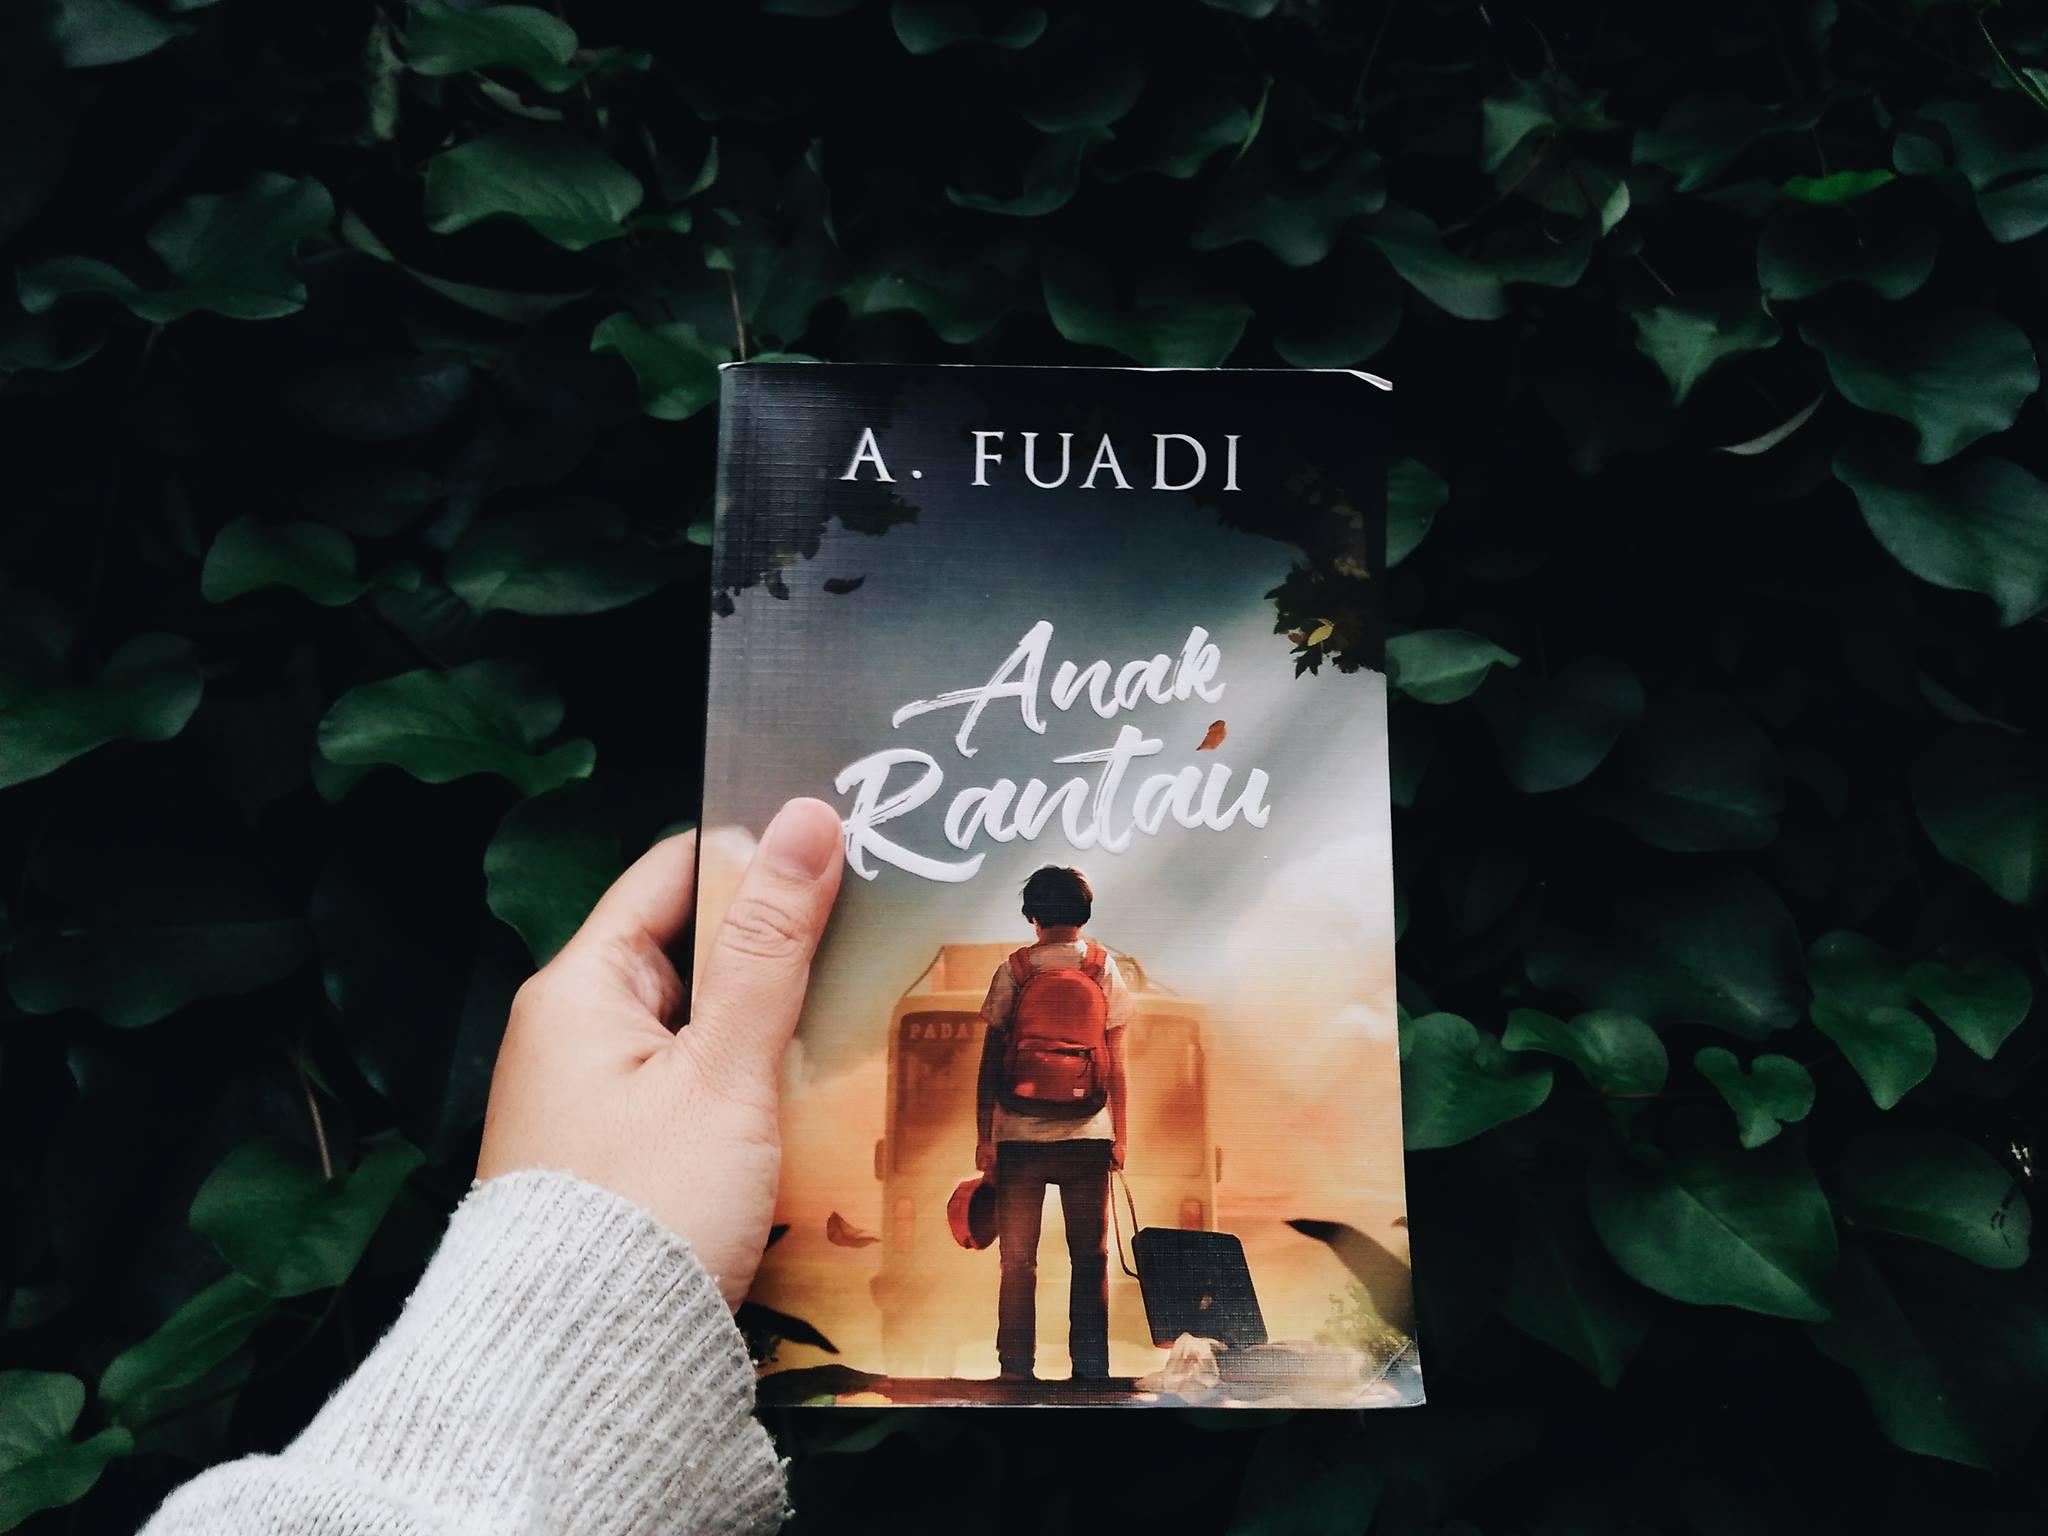 Anak Rantau by A. Fuadi